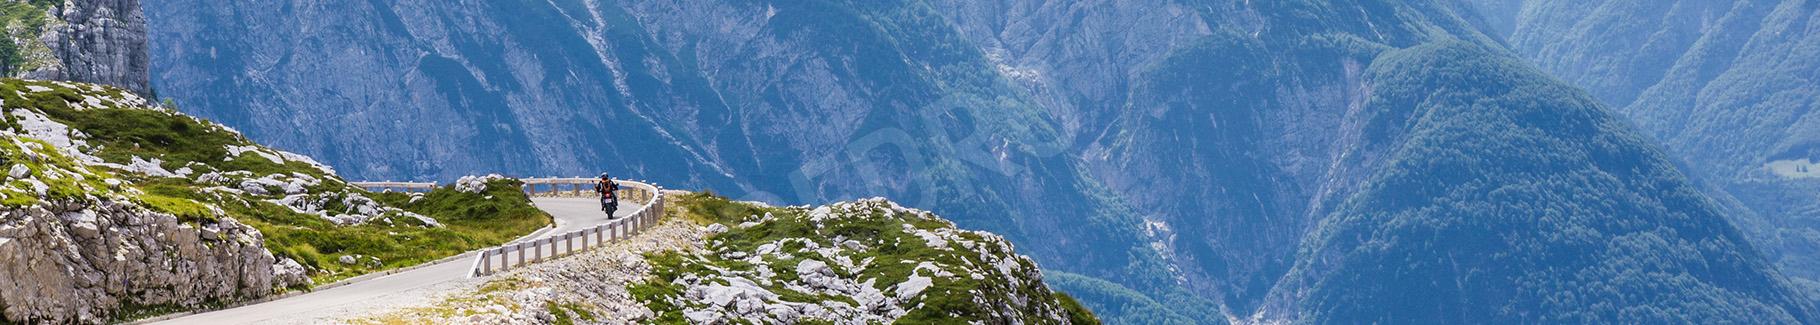 Fototapeta krajobraz Alp